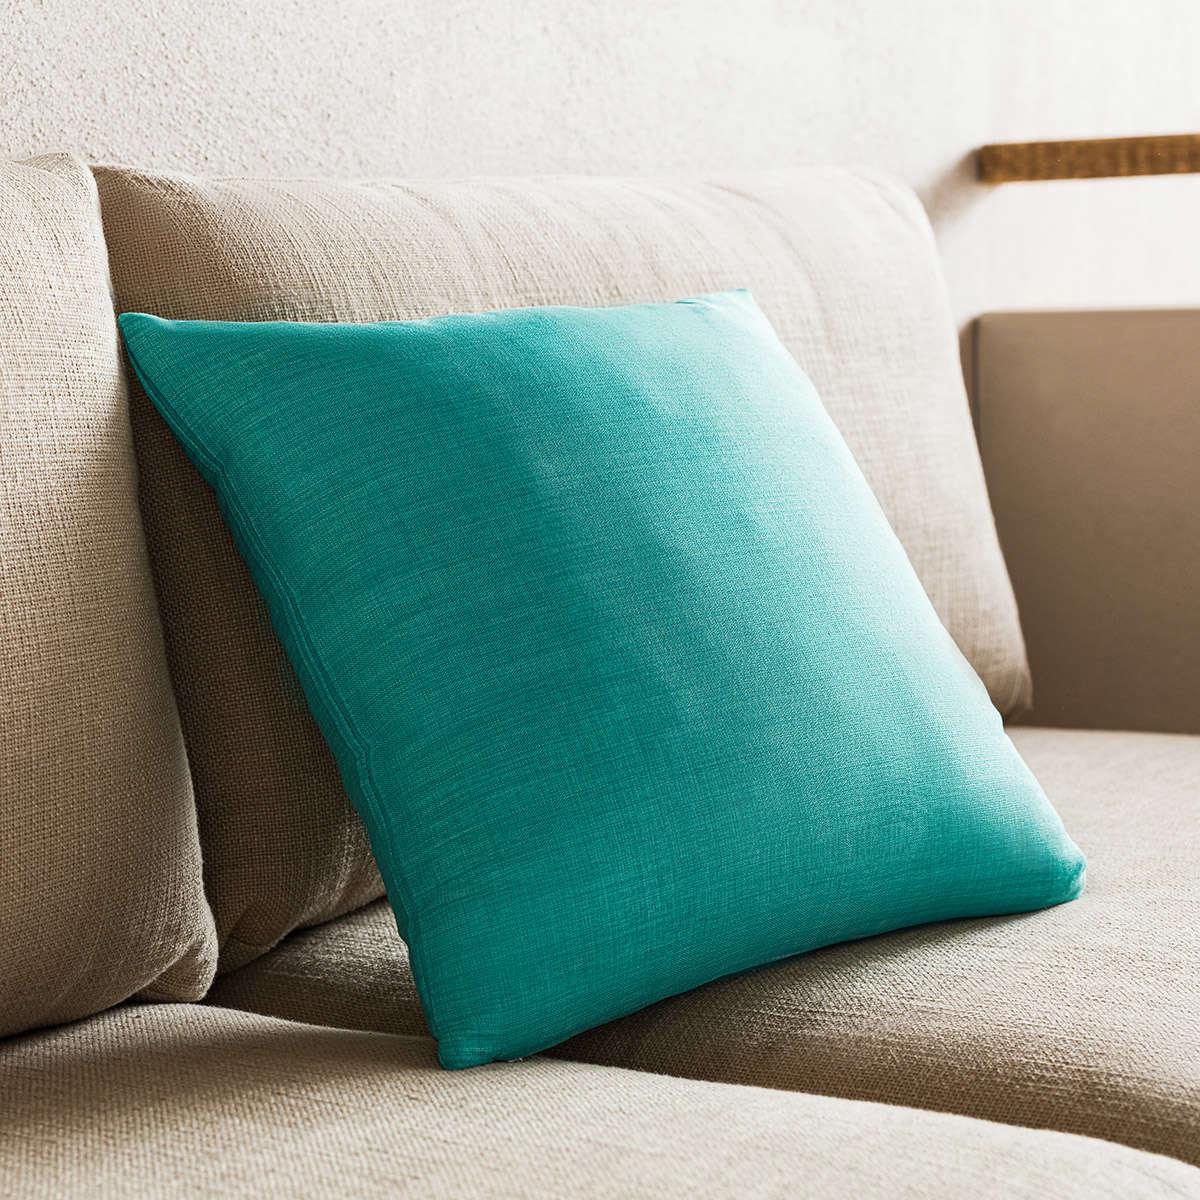 Μαξιλαροθήκη Διακοσμητική Chrome Turquoise 930B/24 Gofis Home 45X45